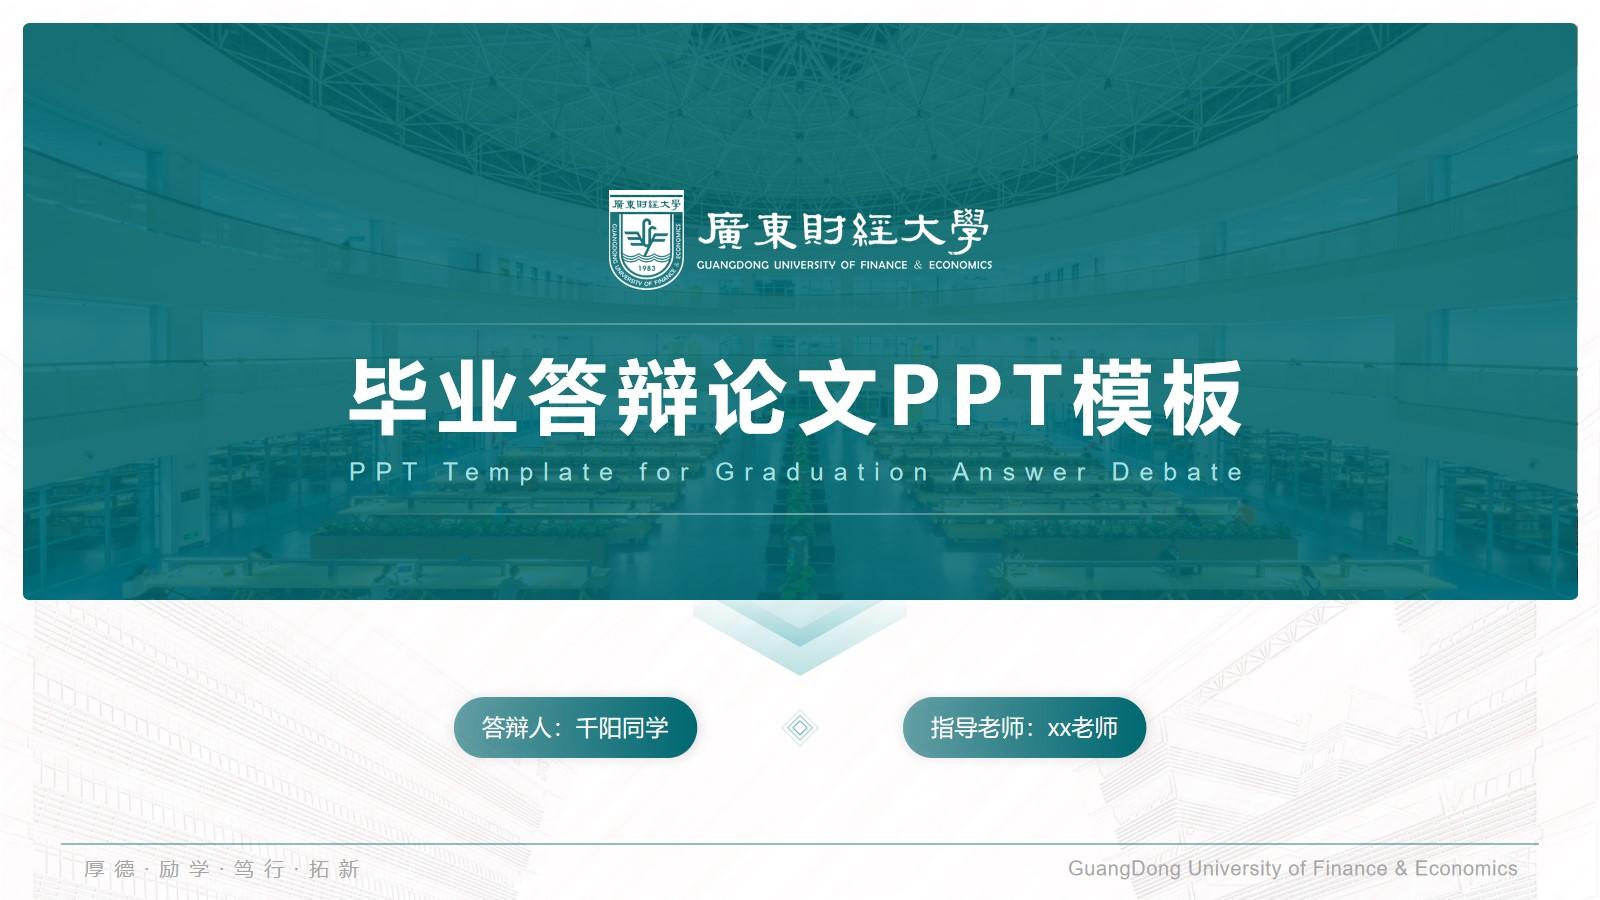 广东财经大学论文答辩通用ppt模板